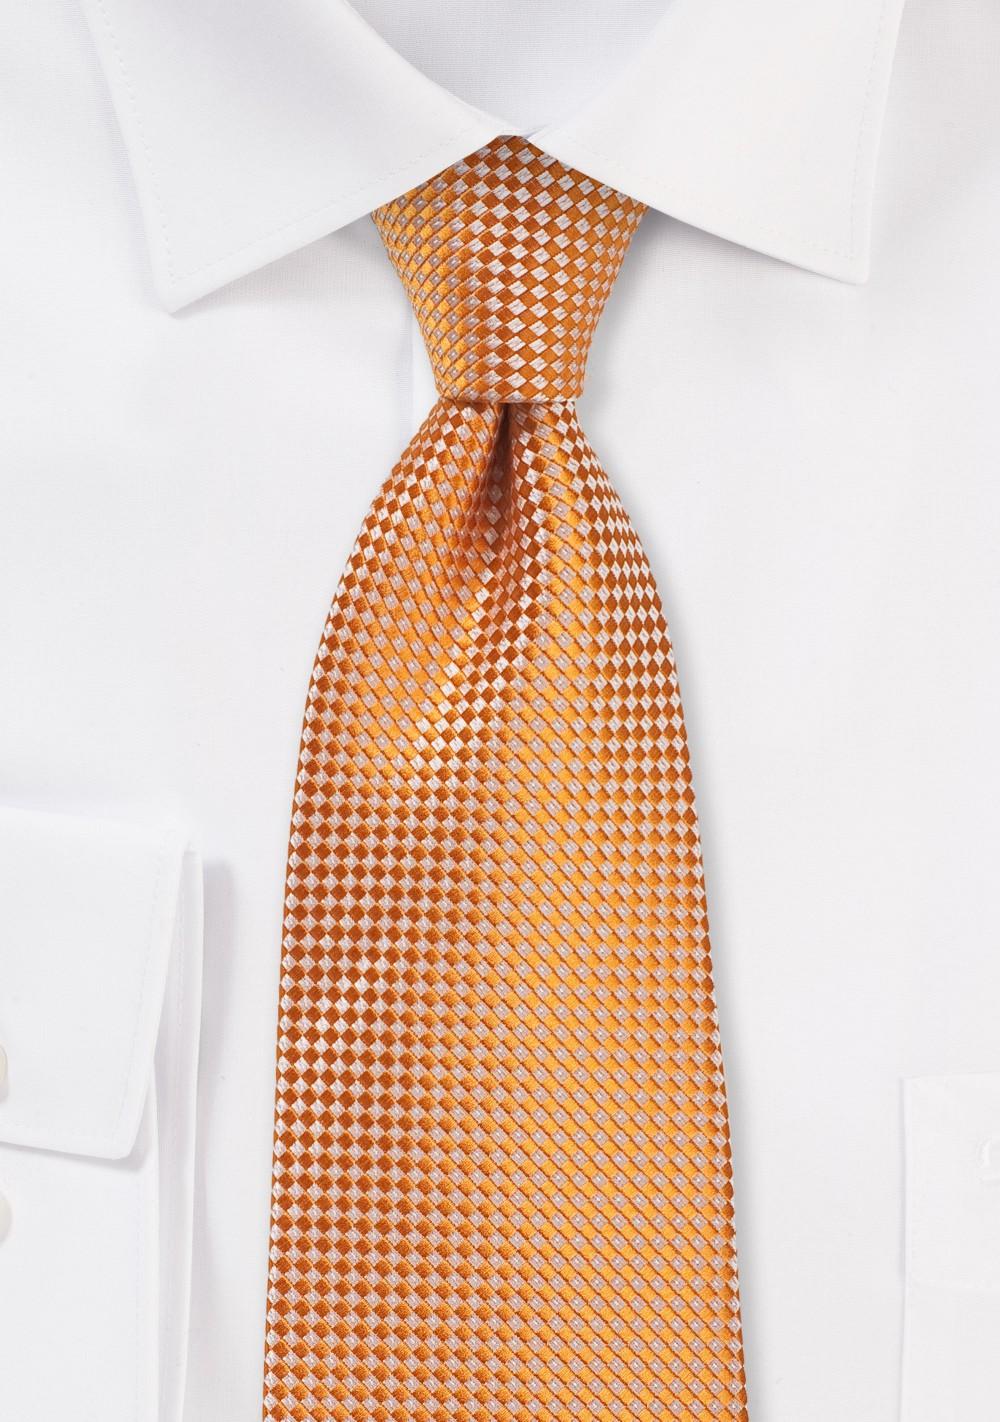 Summer Kids Neck Tie in Tangerine Orange